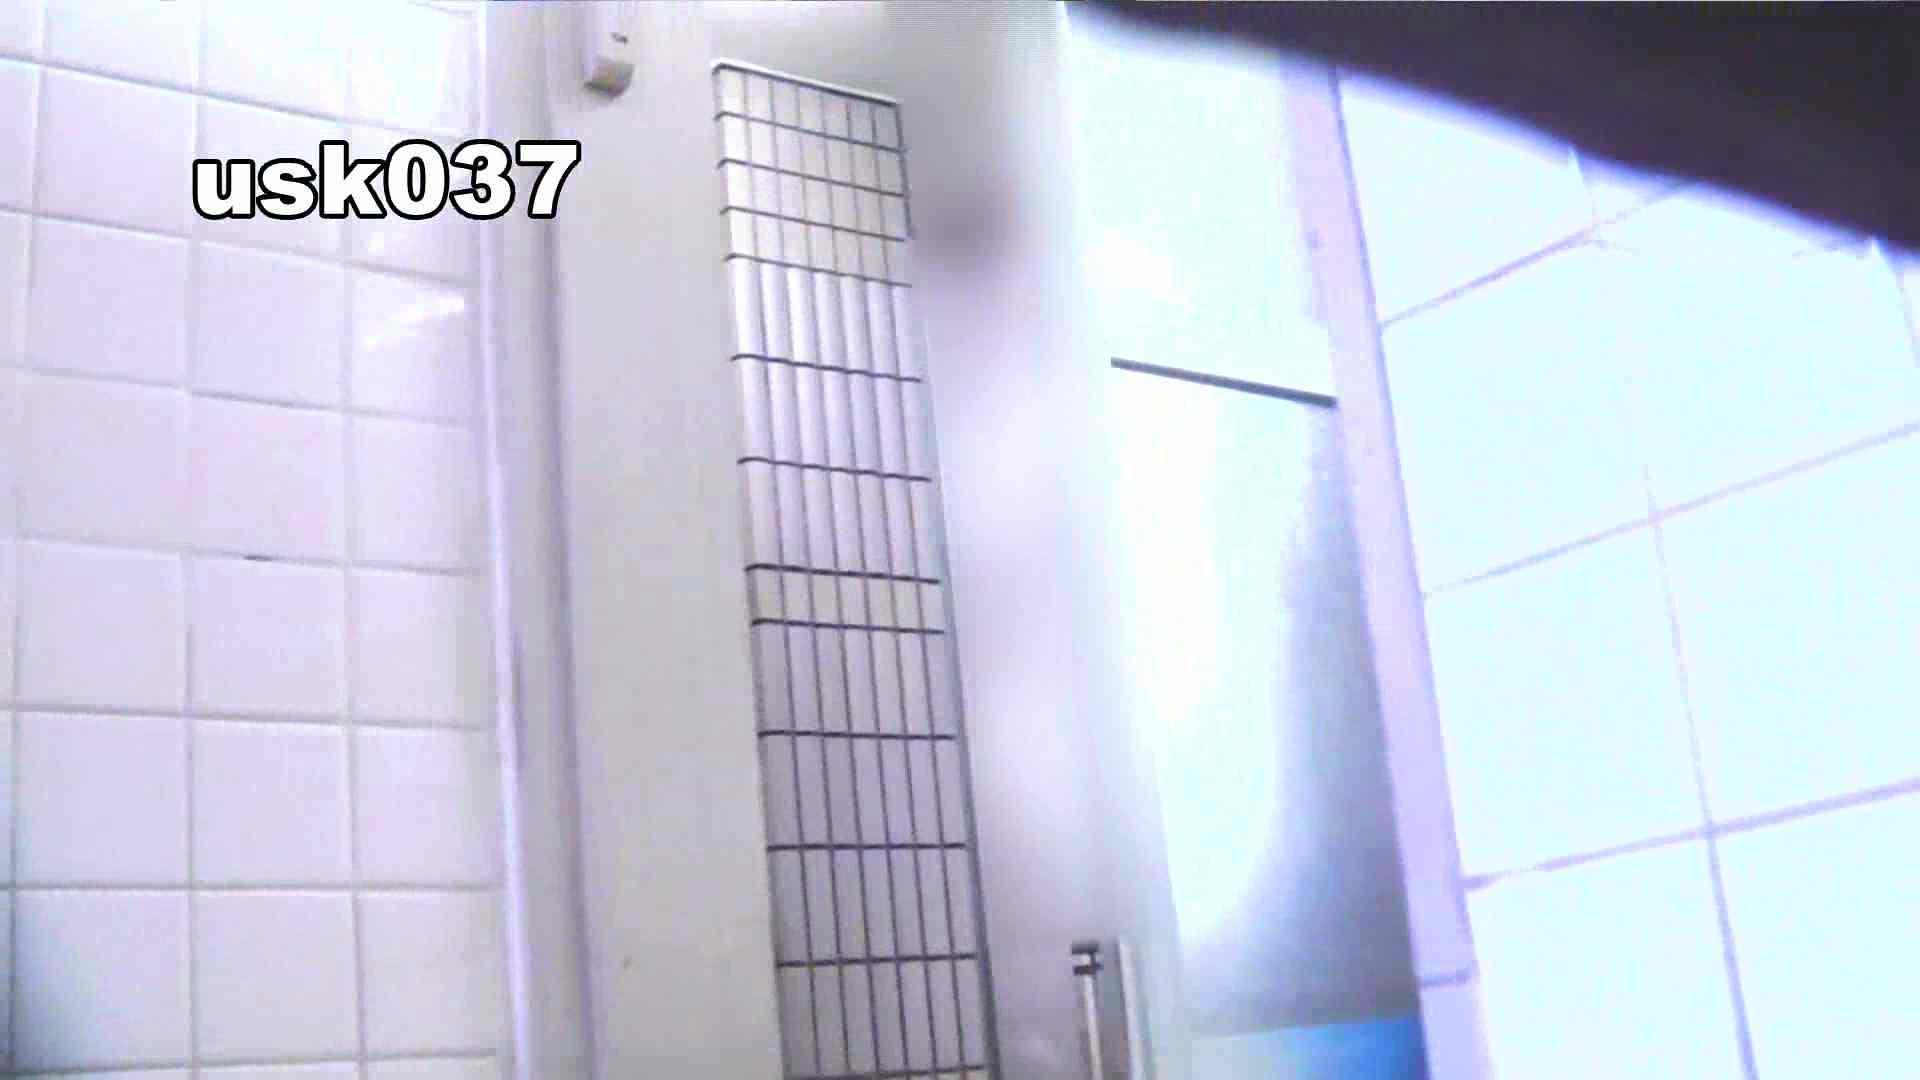 【美しき個室な世界】 vol.037 ひねり出す様子(フトイです) 高画質 | 高評価  99枚 70